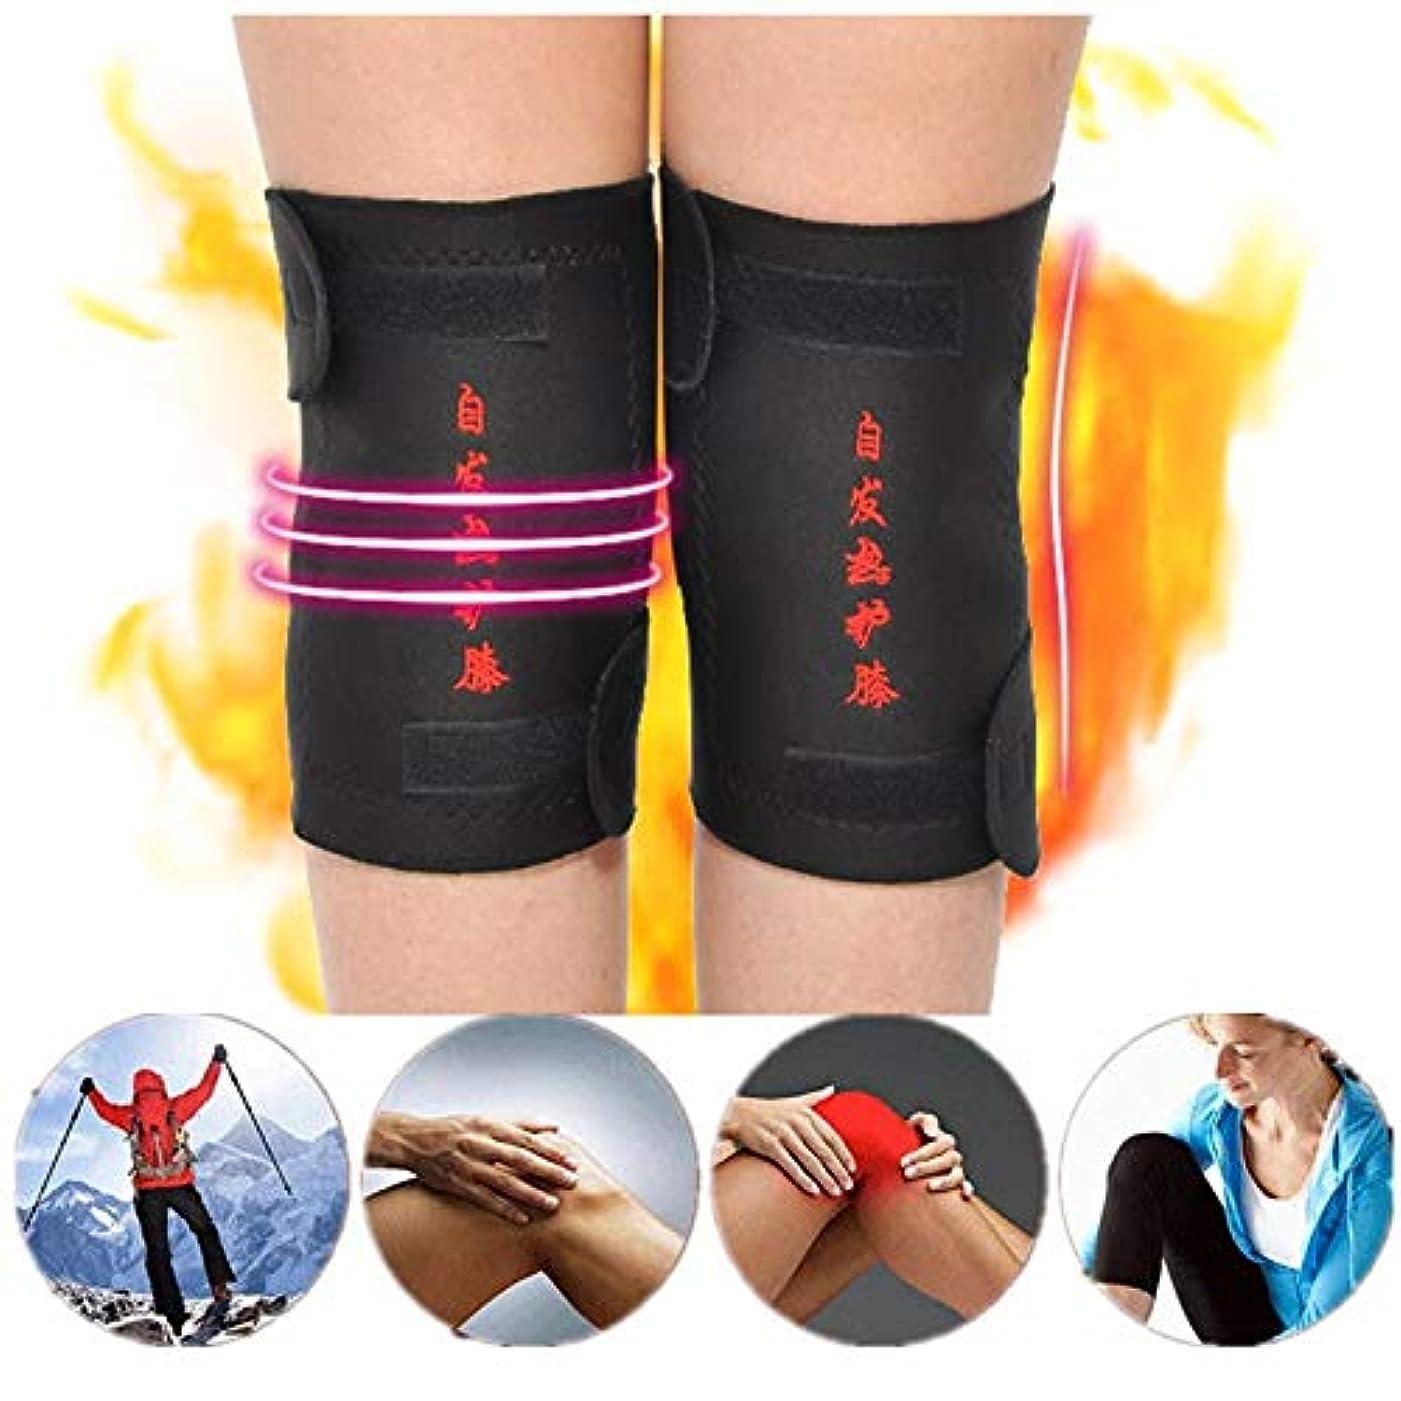 保安しつけガチョウ1 ペア 毎日健康 ケア 膝の痛み救済傷害捻挫自己加熱された膝 パッド 付き磁気治療内部加熱膝 パッド